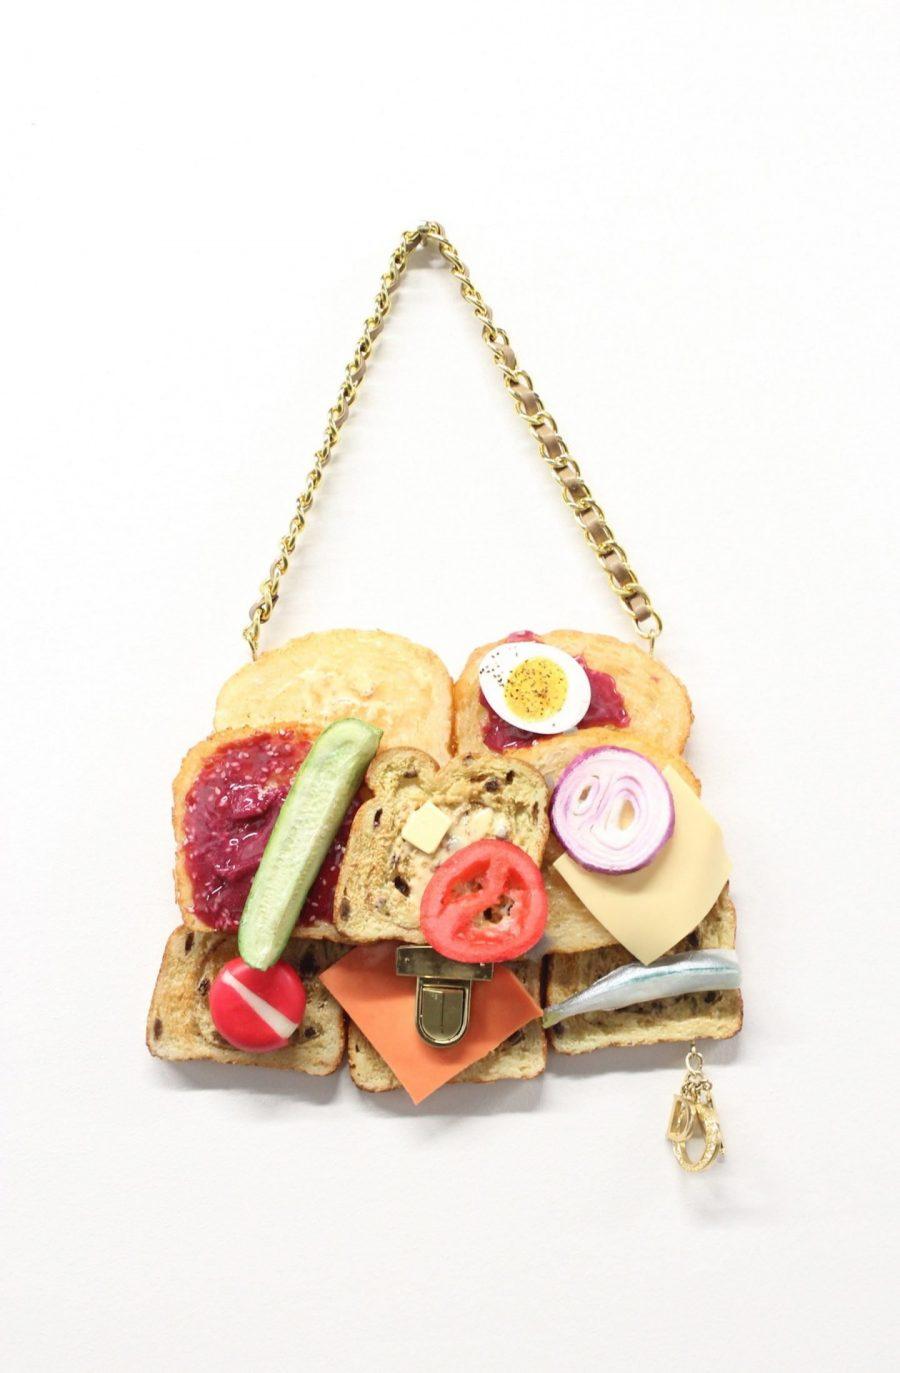 Nuovo trend nella moda: le borse di cibo